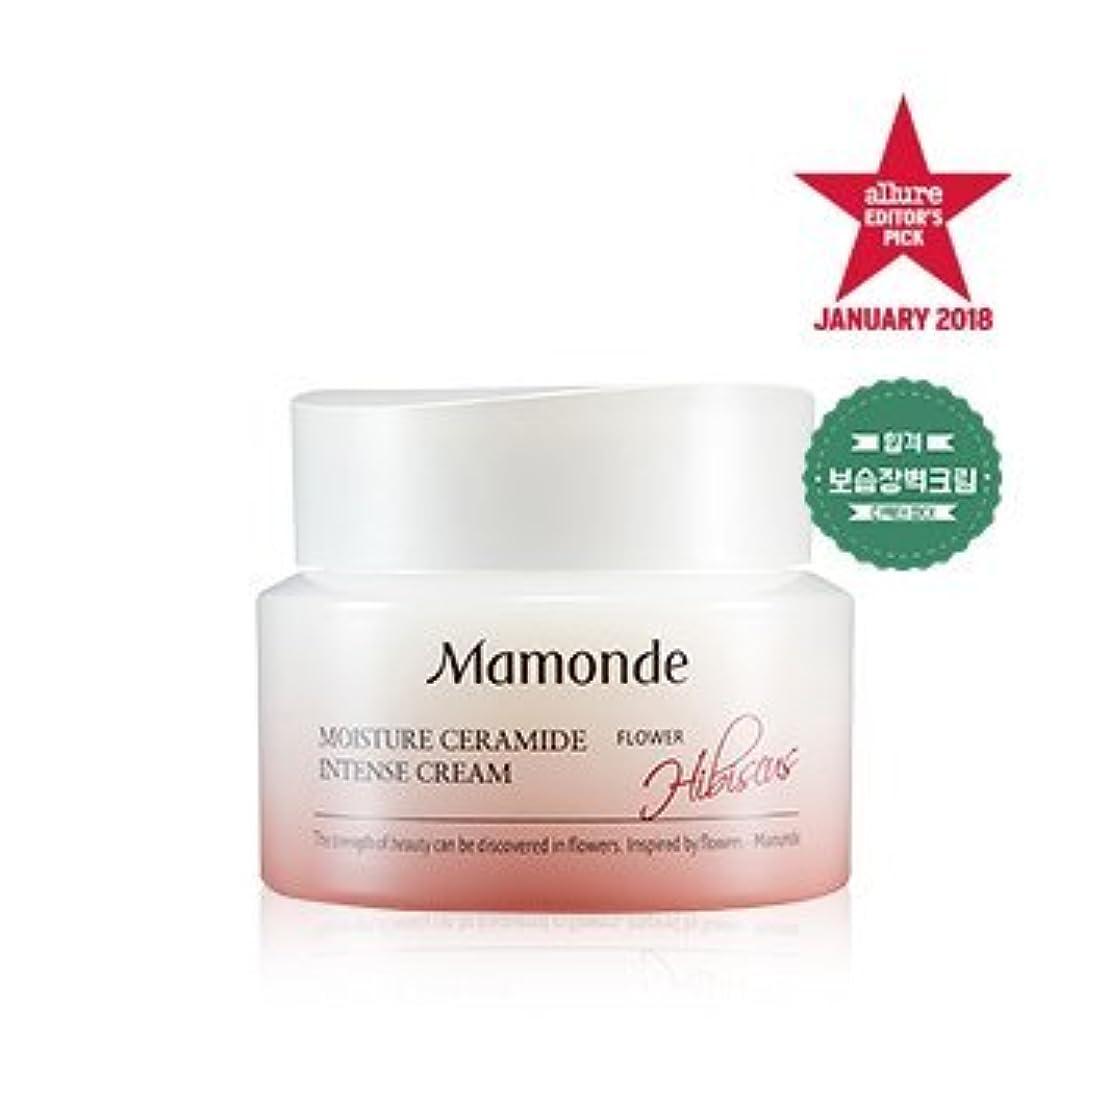 非効率的な敬礼アラスカ[MAMONDE] モイスチャーセラミドインテンシブクリーム / Moisture Ceramide Intense cream 50ml [並行輸入品]